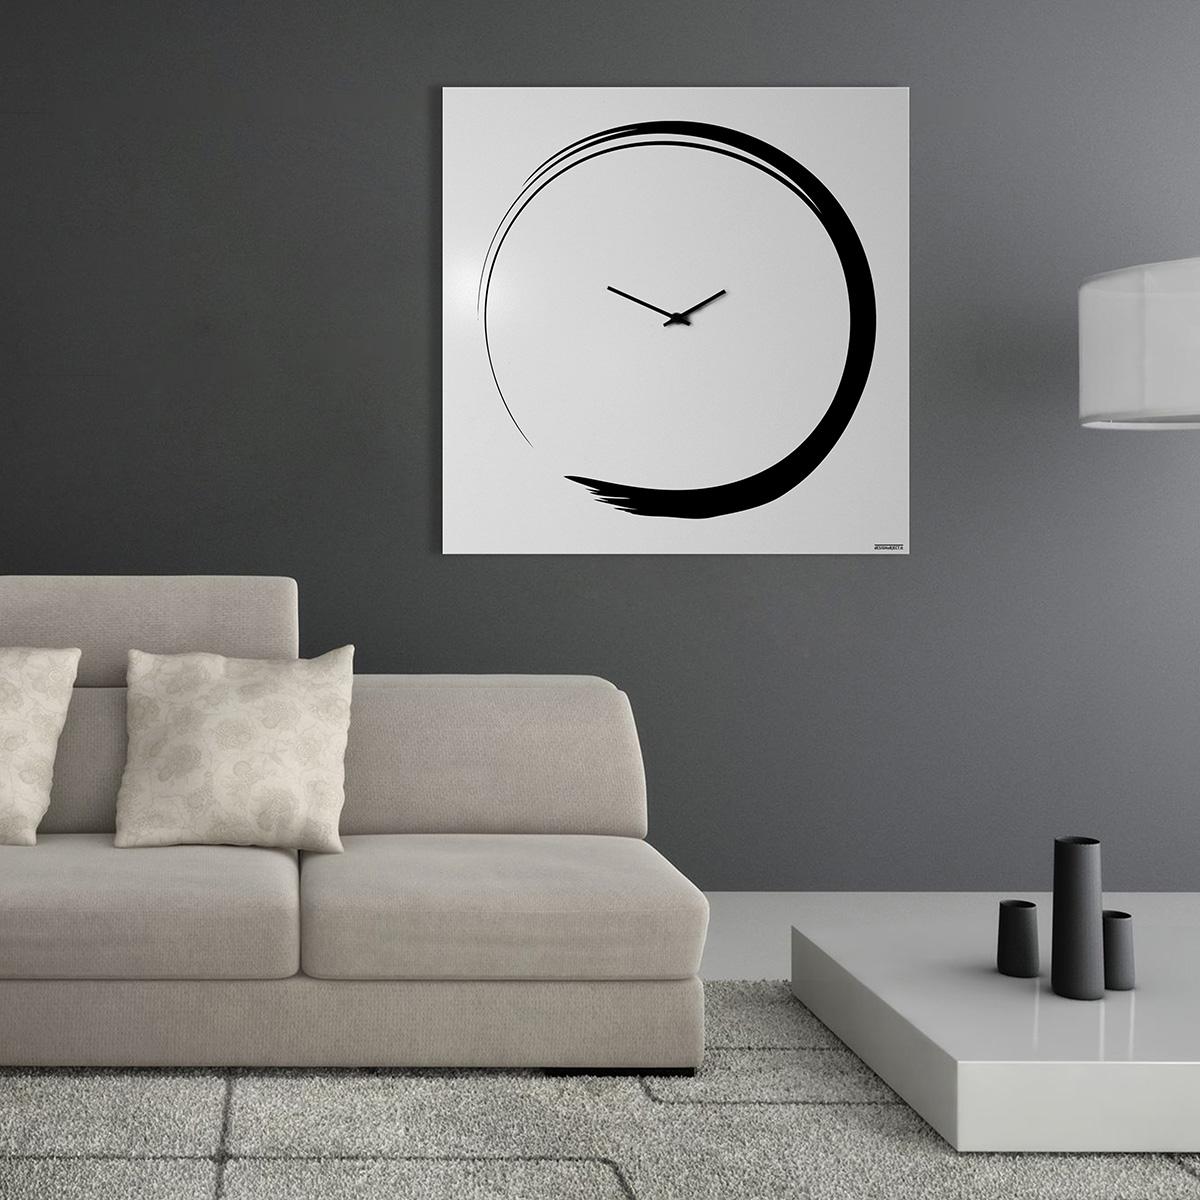 S enso orologio da parete design designobject - Orologio design parete ...